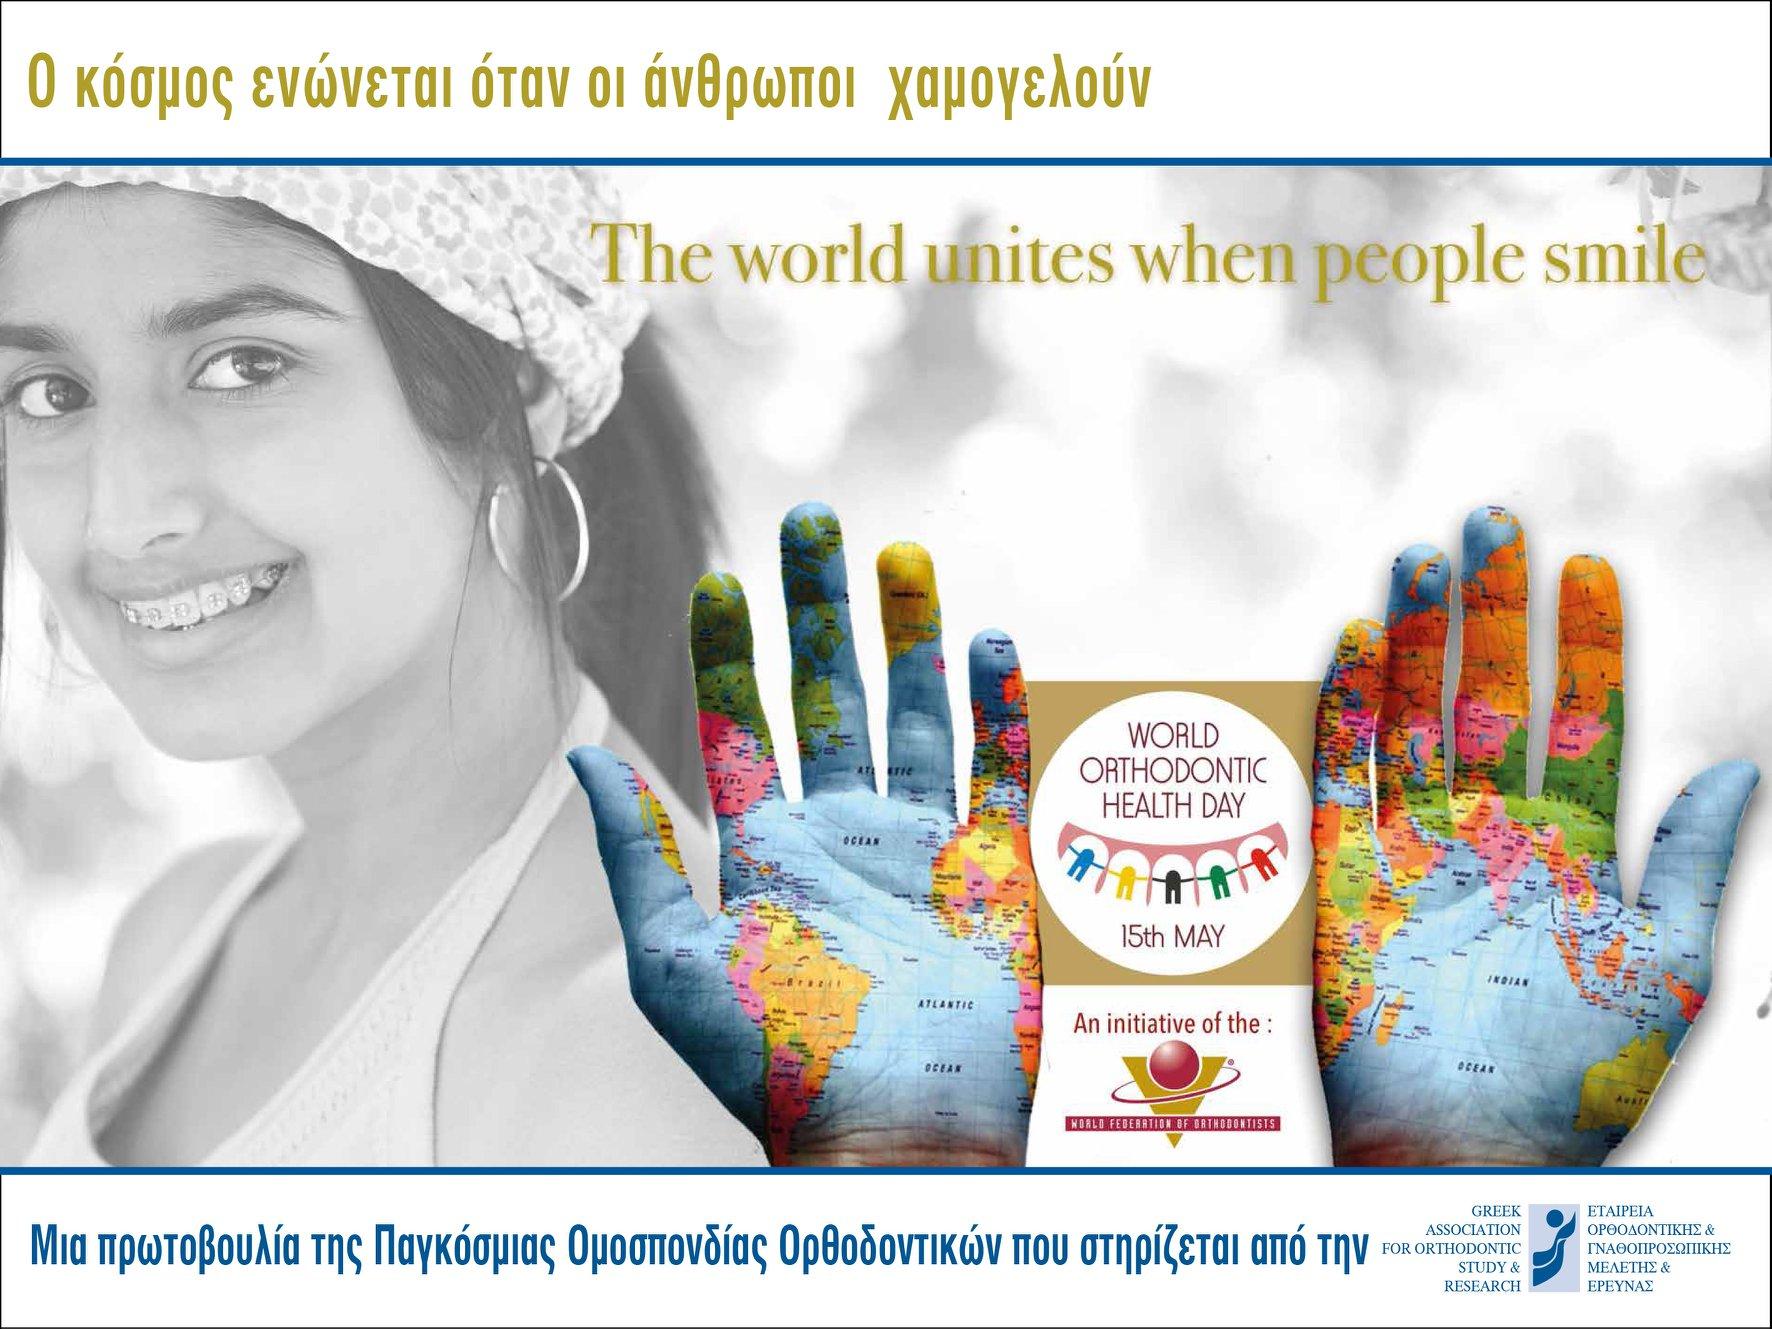 Παγκόσμια Ημέρα Ορθοδοντικής Φροντίδας